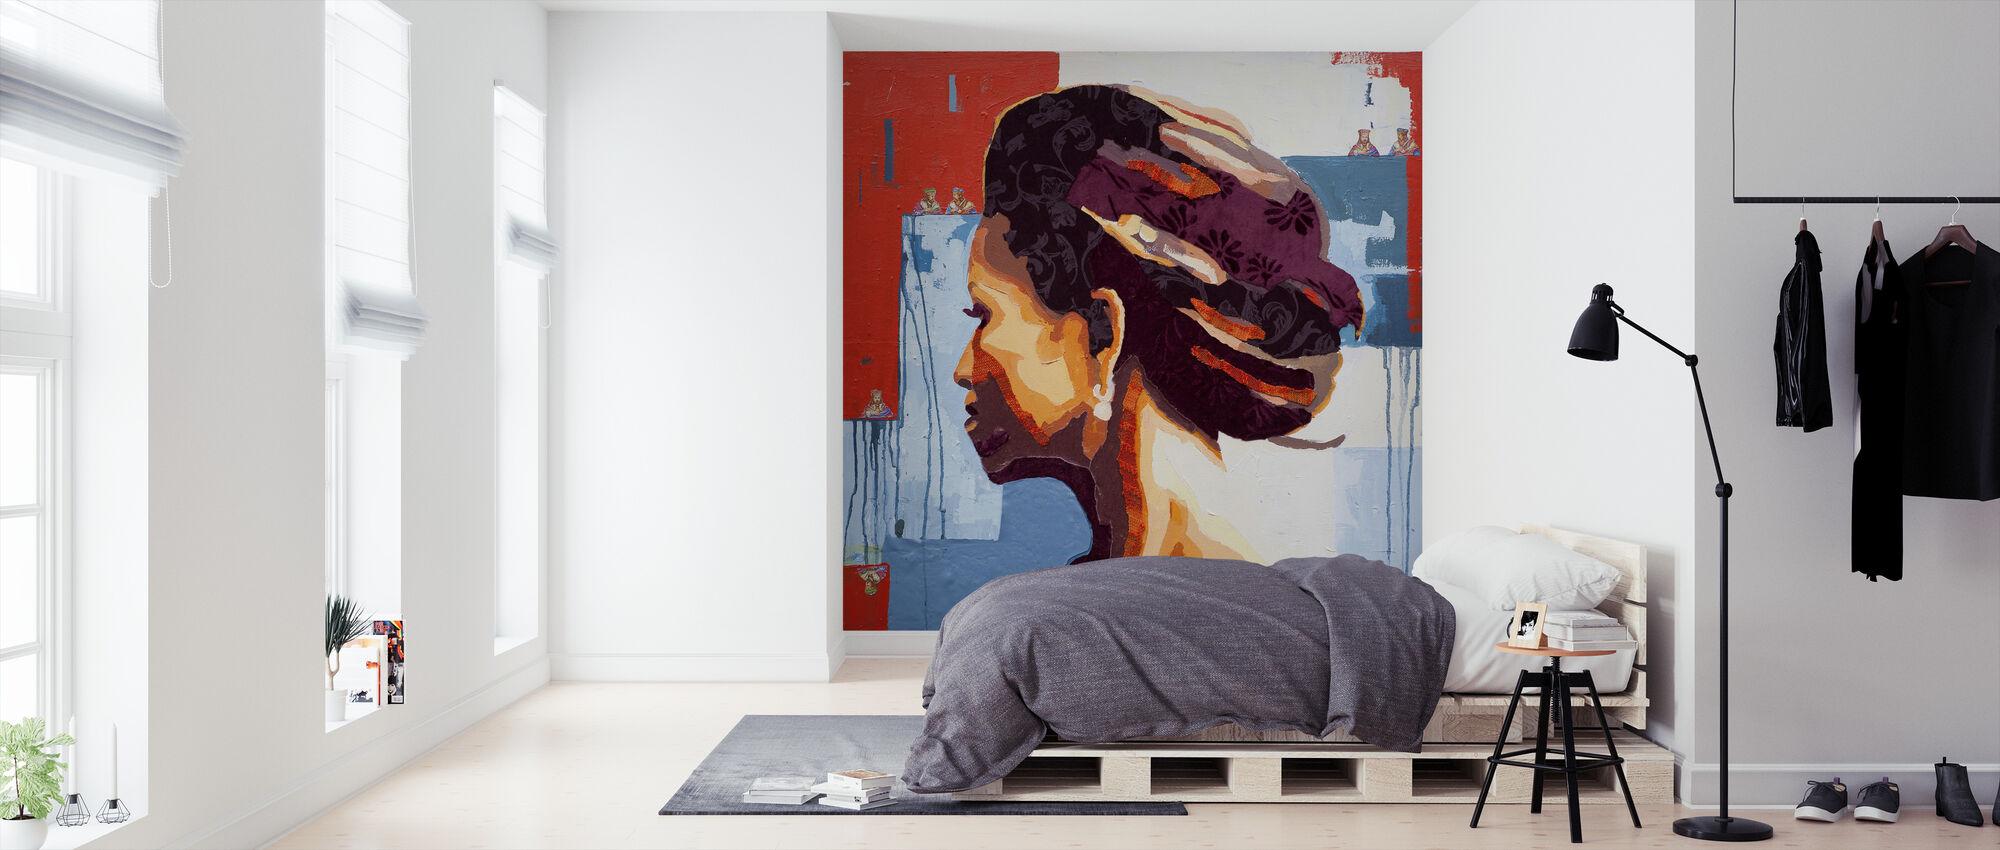 Queen of Spades - Wallpaper - Bedroom